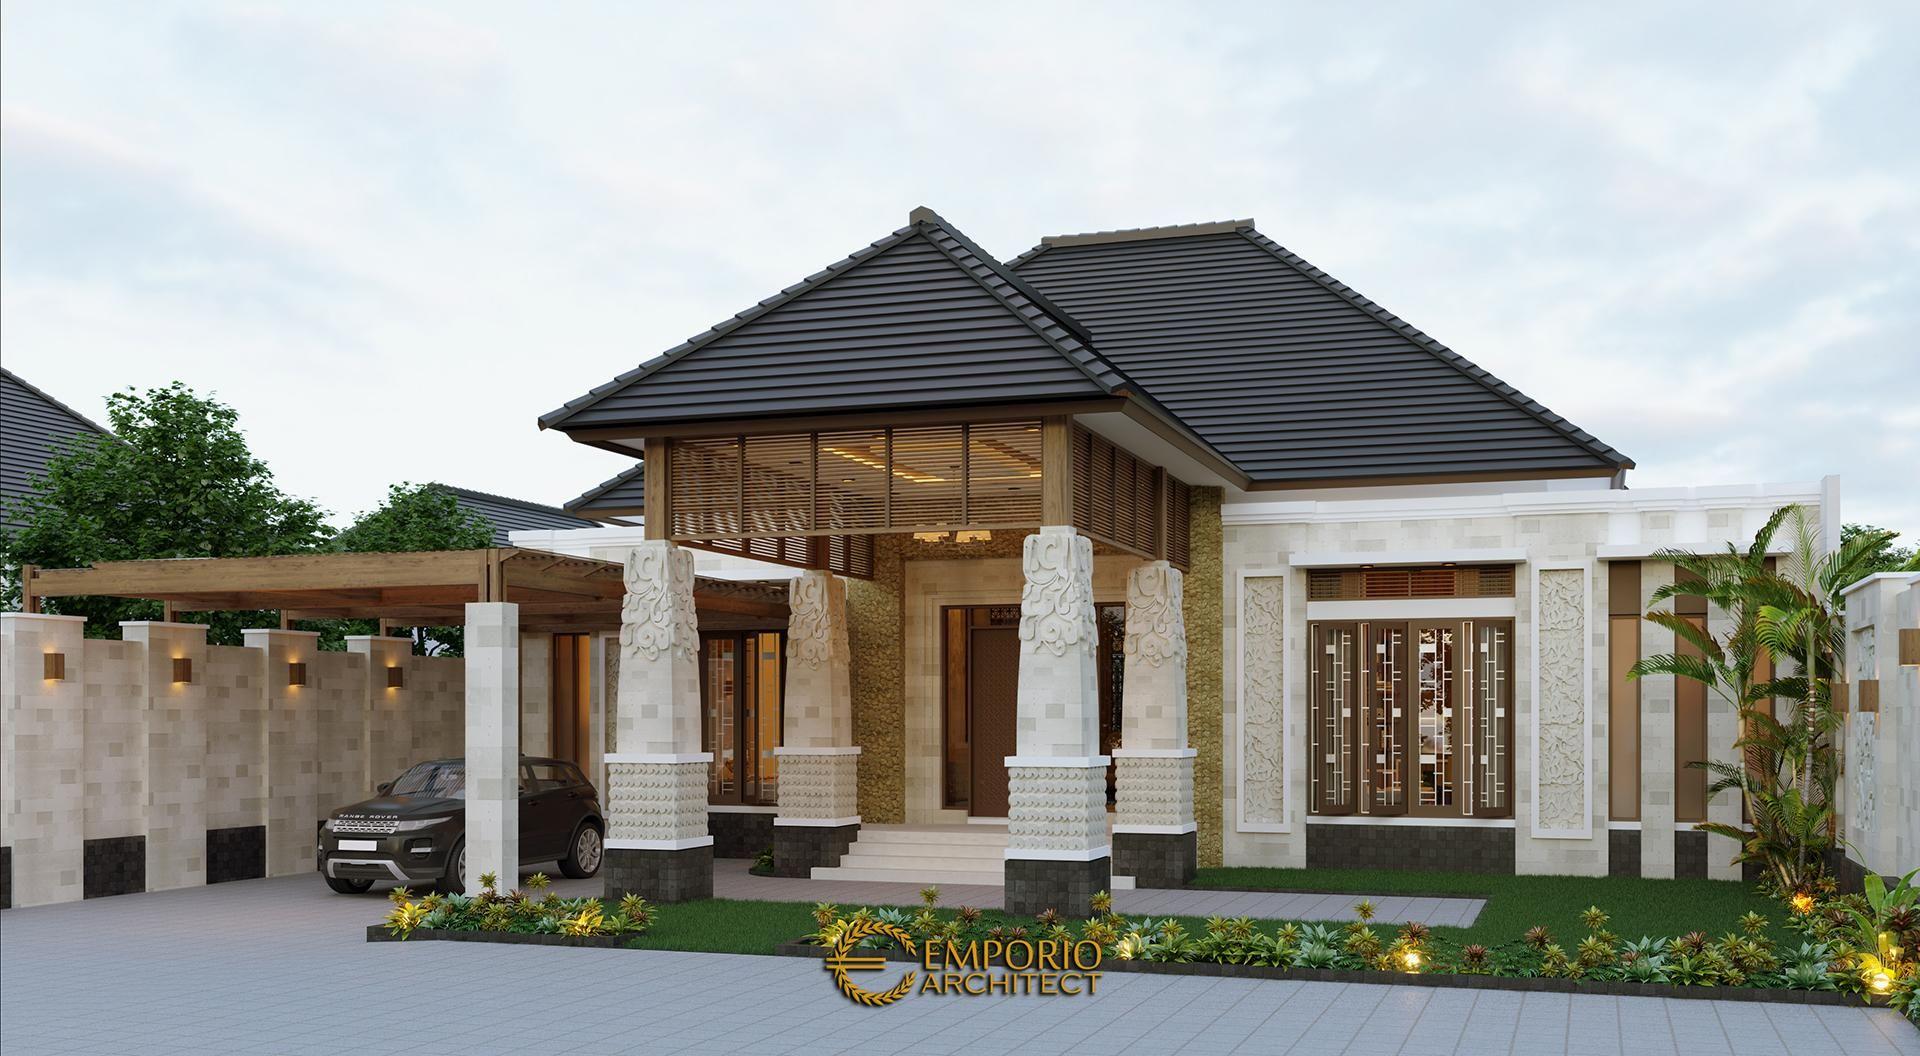 Desain Rumah Villa Bali 1 Lantai Bapak Jon Di Pekanbaru Riau Desain Lantai Desain Rumah Desain Rumah Eksterior